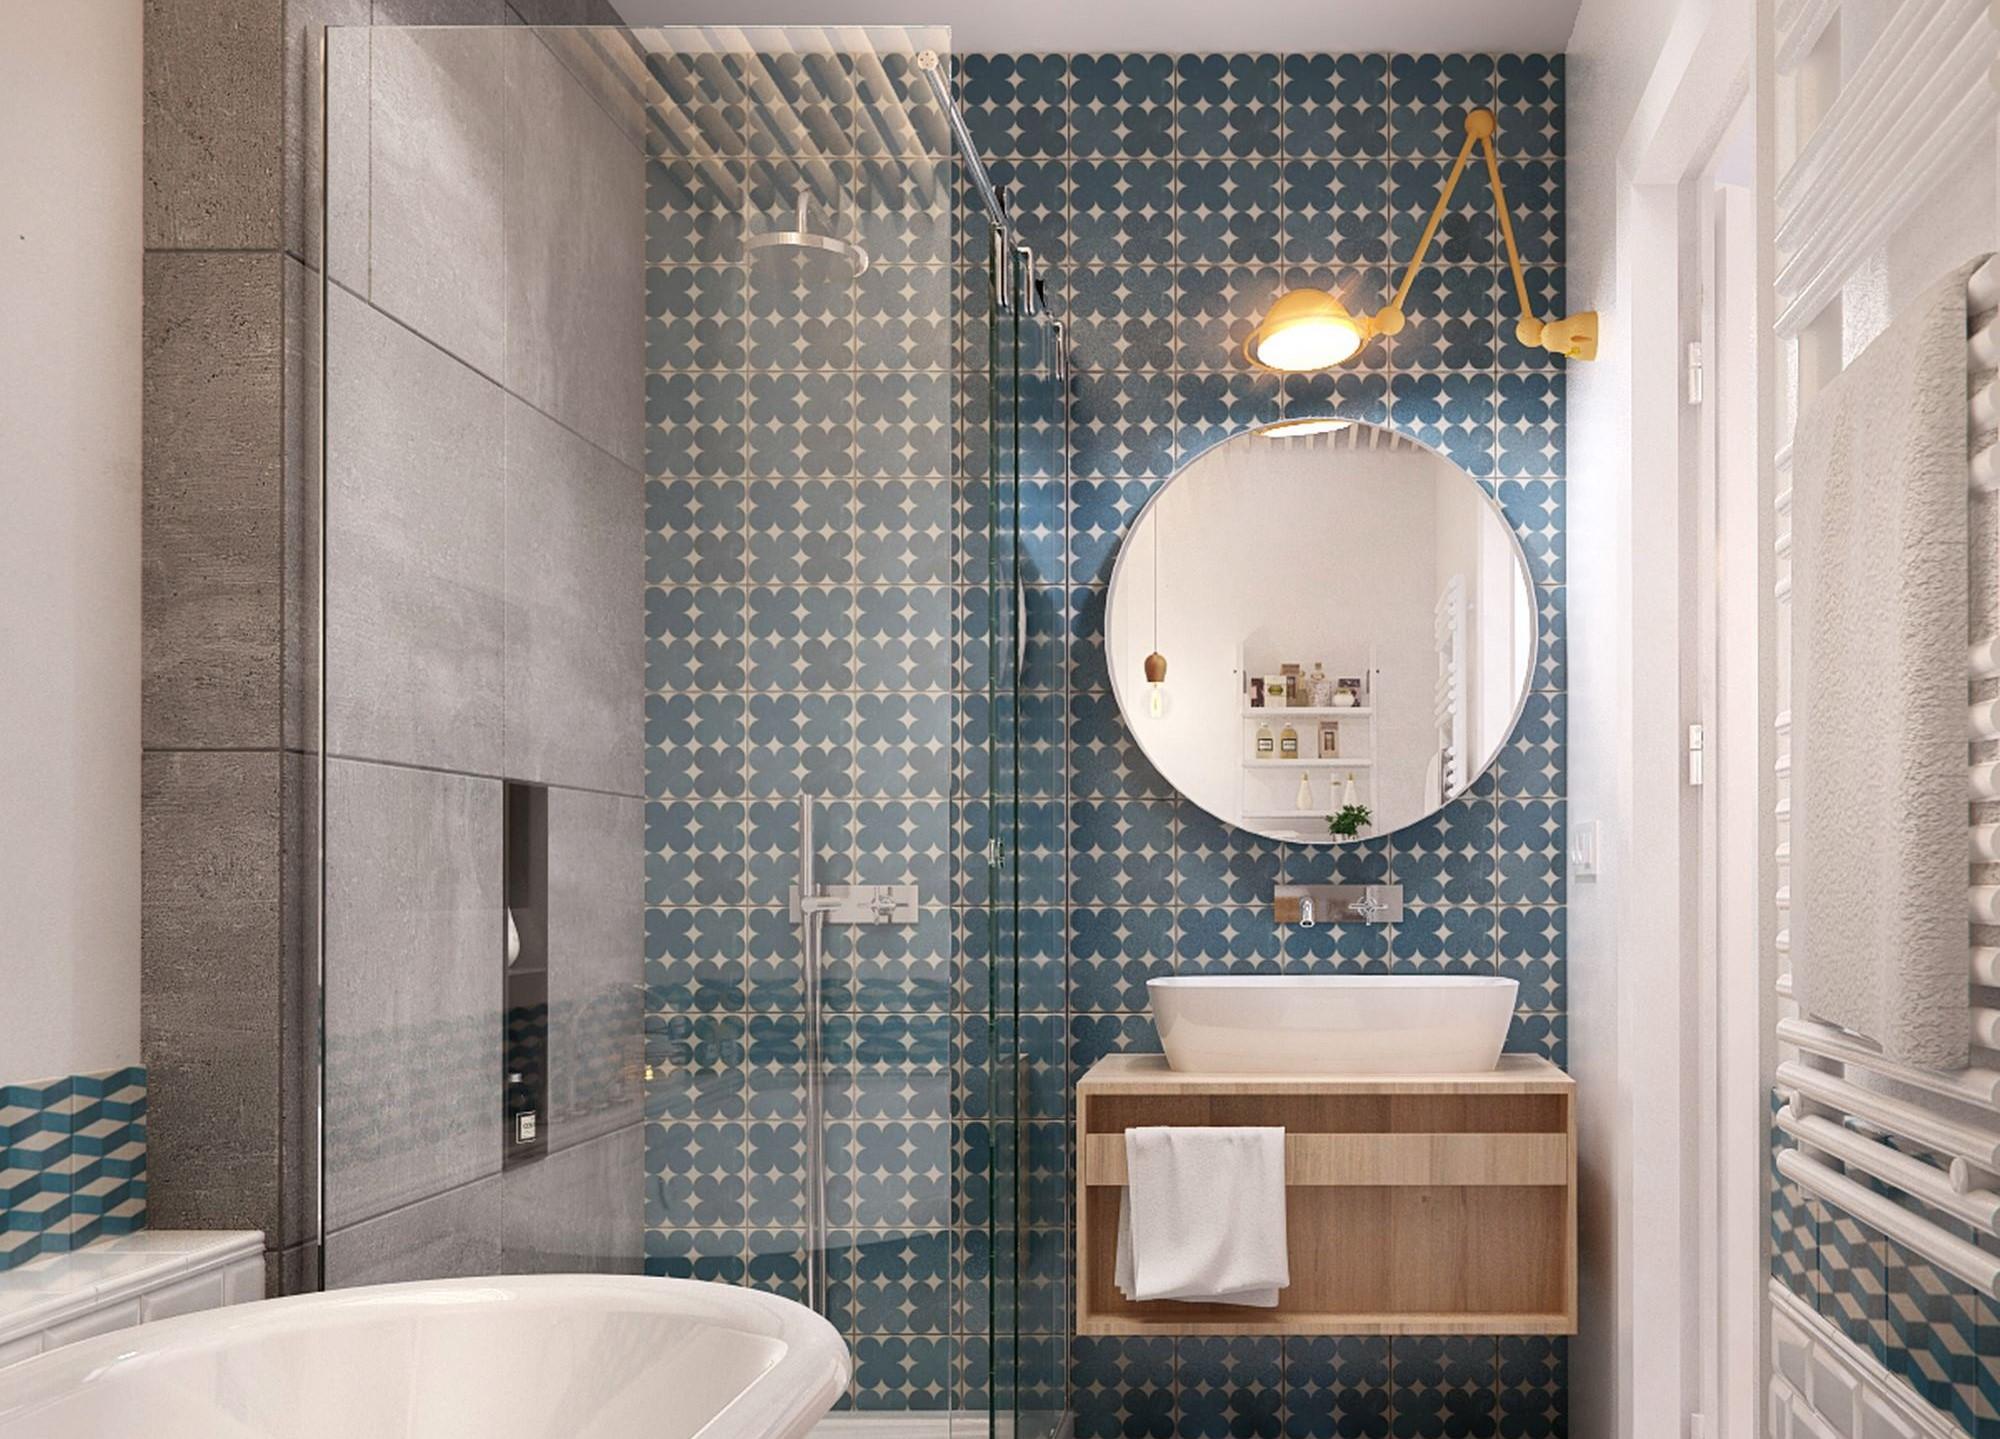 Salle De Bain Tendance 2019 eclora design   tendances salle de bain 2019!